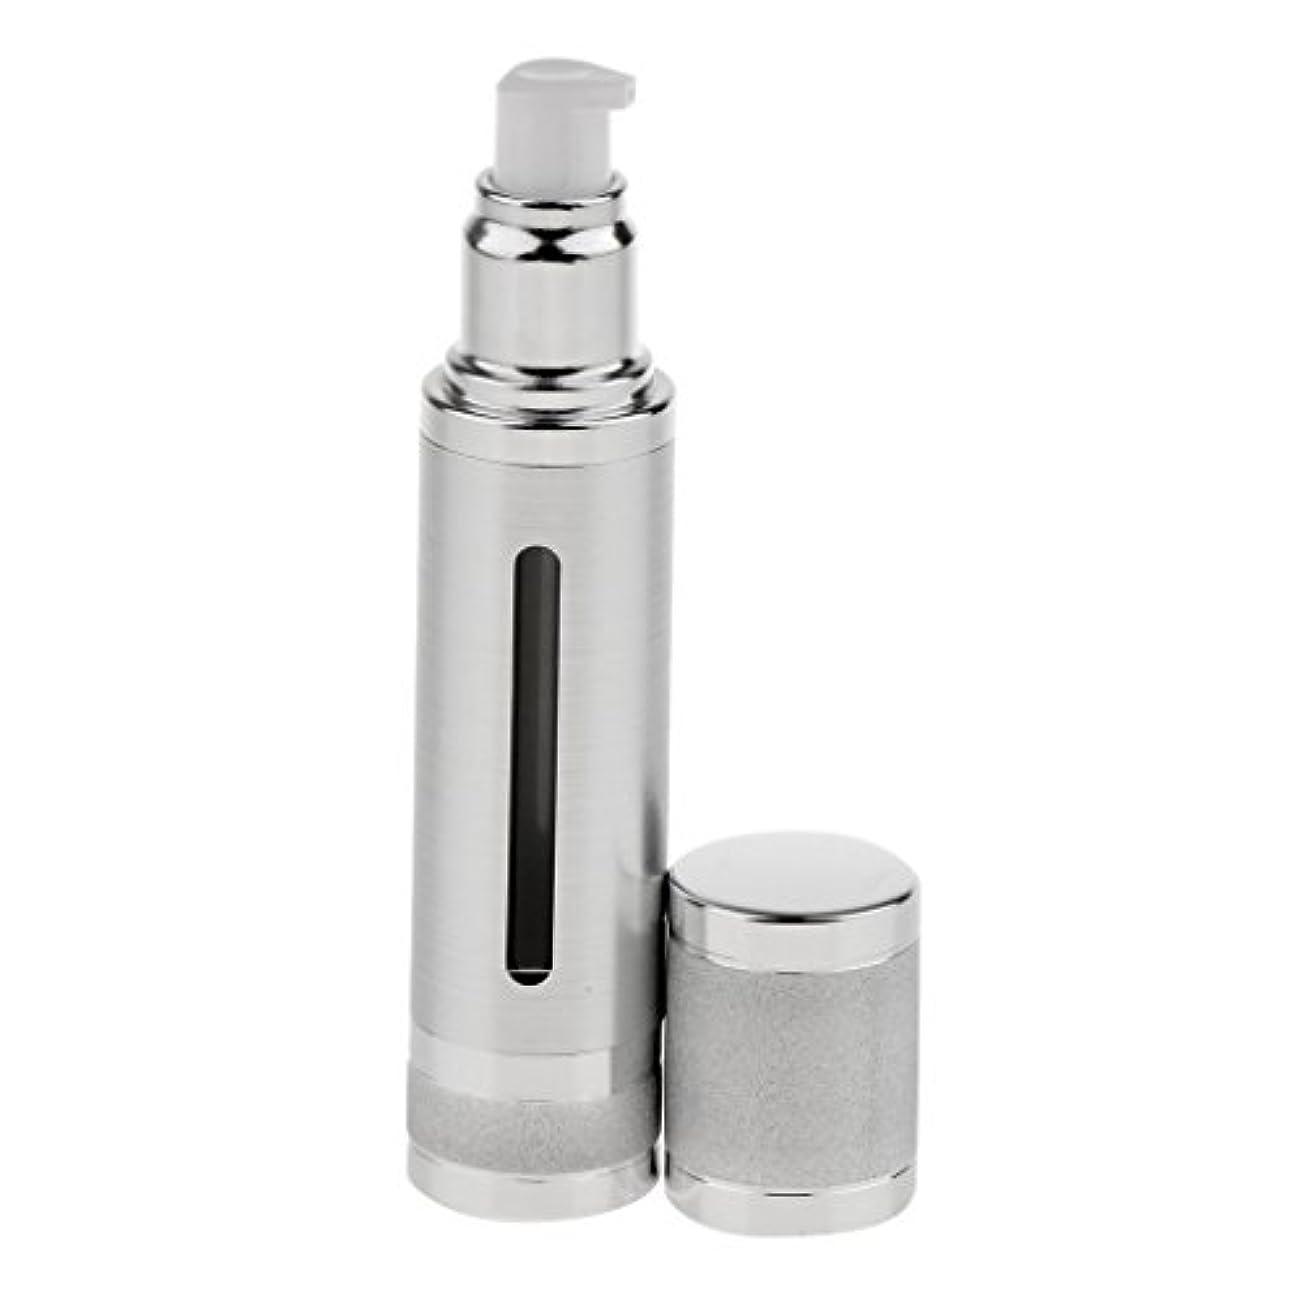 鈍い炭素理容師エアレスボトル 50ml エアレス ポンプボトル ローション クリーム 化粧品 詰め替え可 容器 2色選べる - 銀